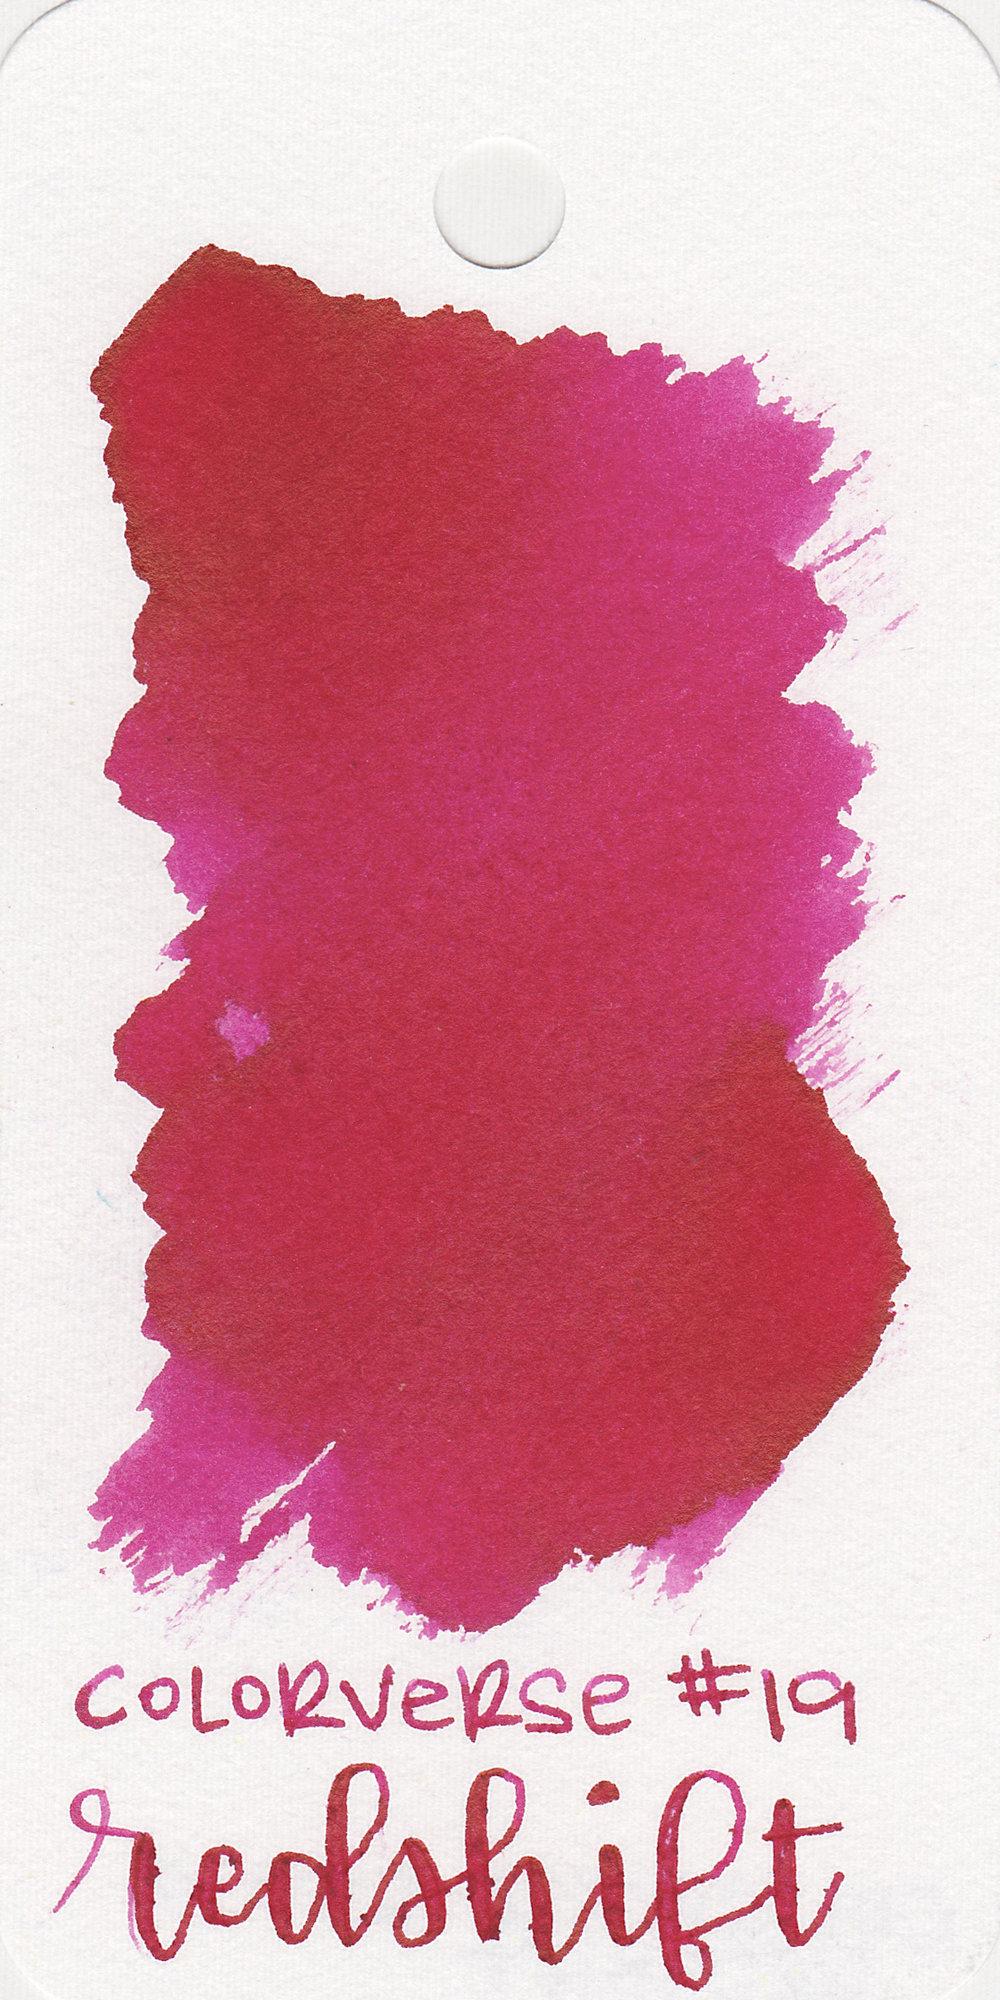 cv-redshift-1.jpg